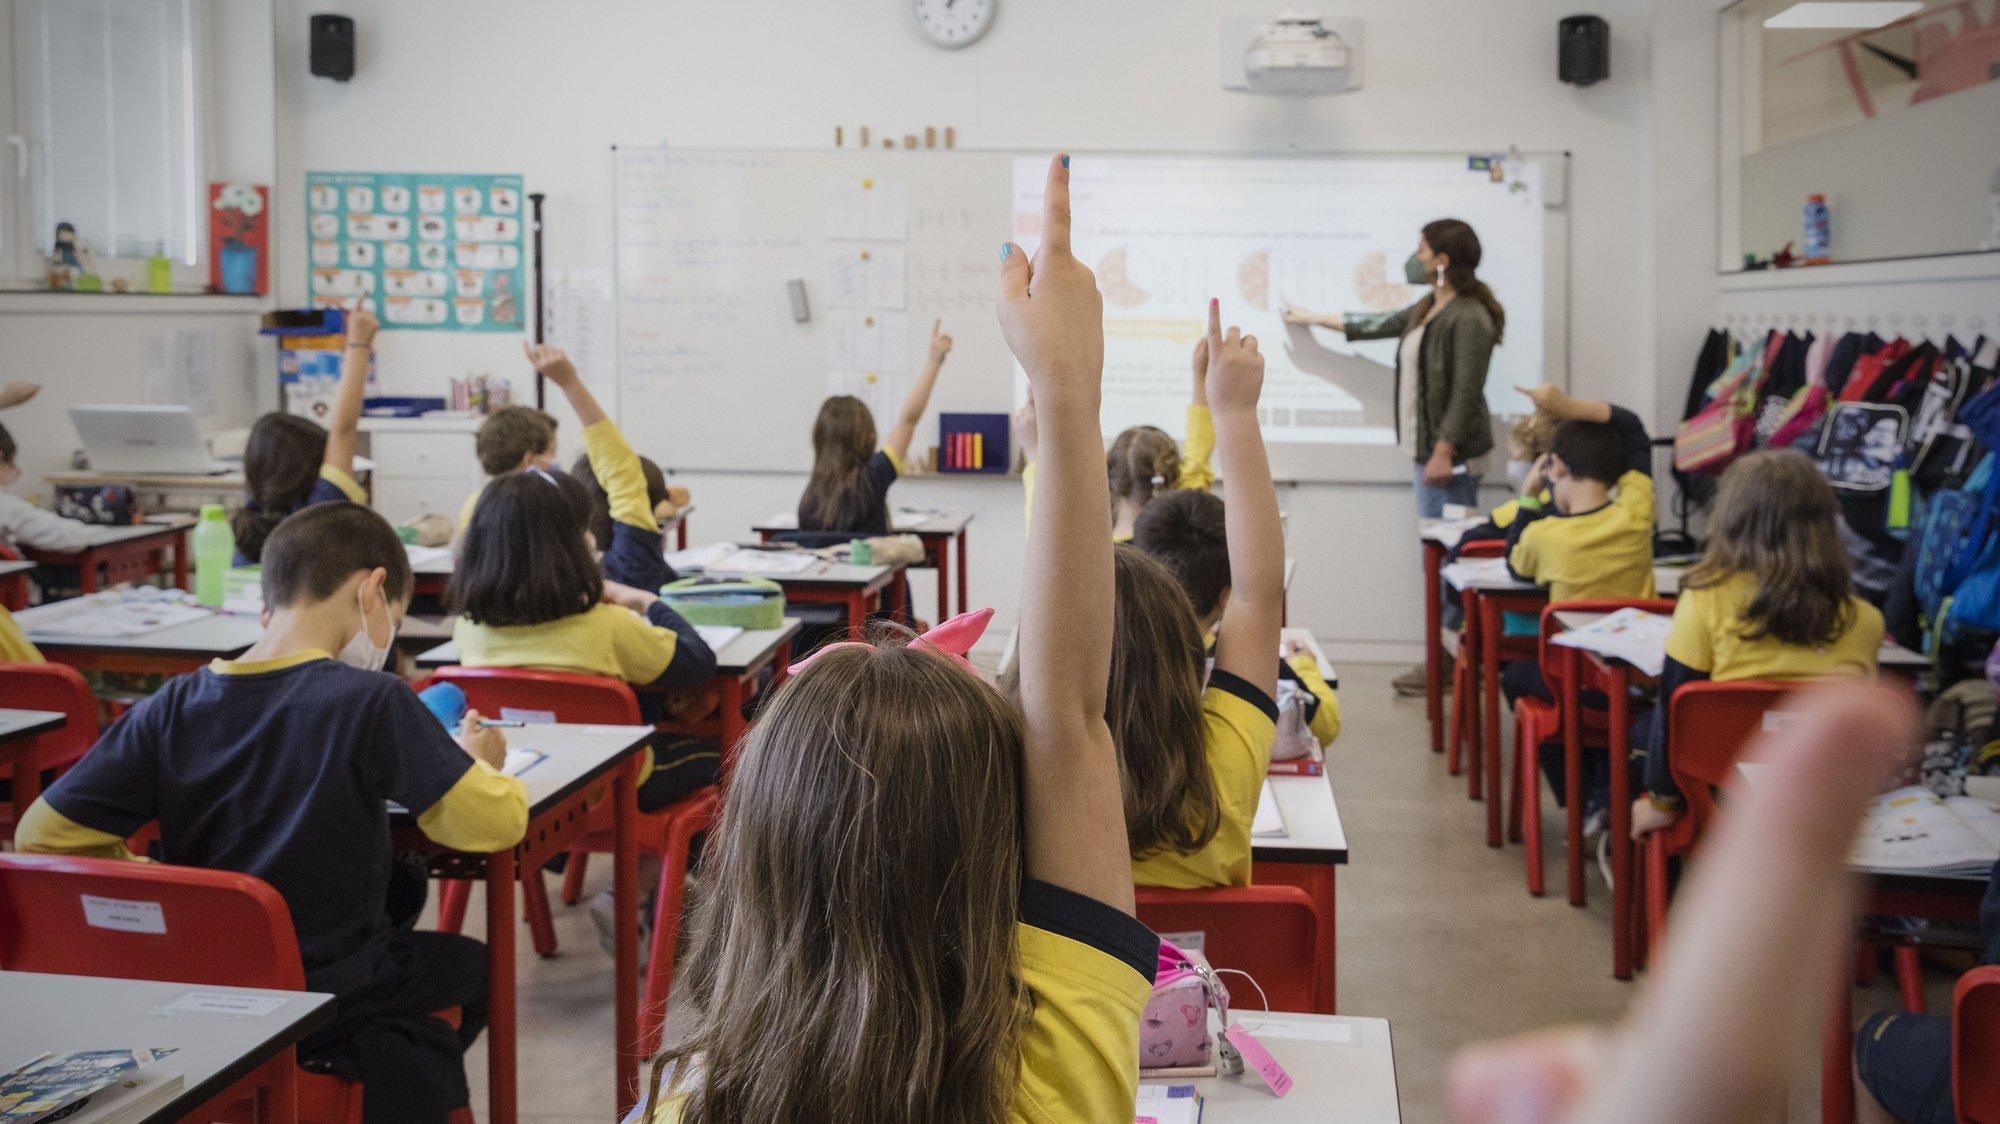 """Alunos assistem a uma aula no Colégio do Rosário, no Porto, 19 de maio de 2021. Sem nenhuma """"receita"""" para o sucesso além de """"dedicação, trabalho e rigor"""", o Colégio do Rosário, no Porto, volta a ser, num ano de inovação e de gestão de crise, a escola com melhores resultados nos exames do secundário. (ACOMPANHA TEXTO DA LUSA DO DIA 21 DE MAIO DE 2021) JOSÉ COELHO/LUSA"""